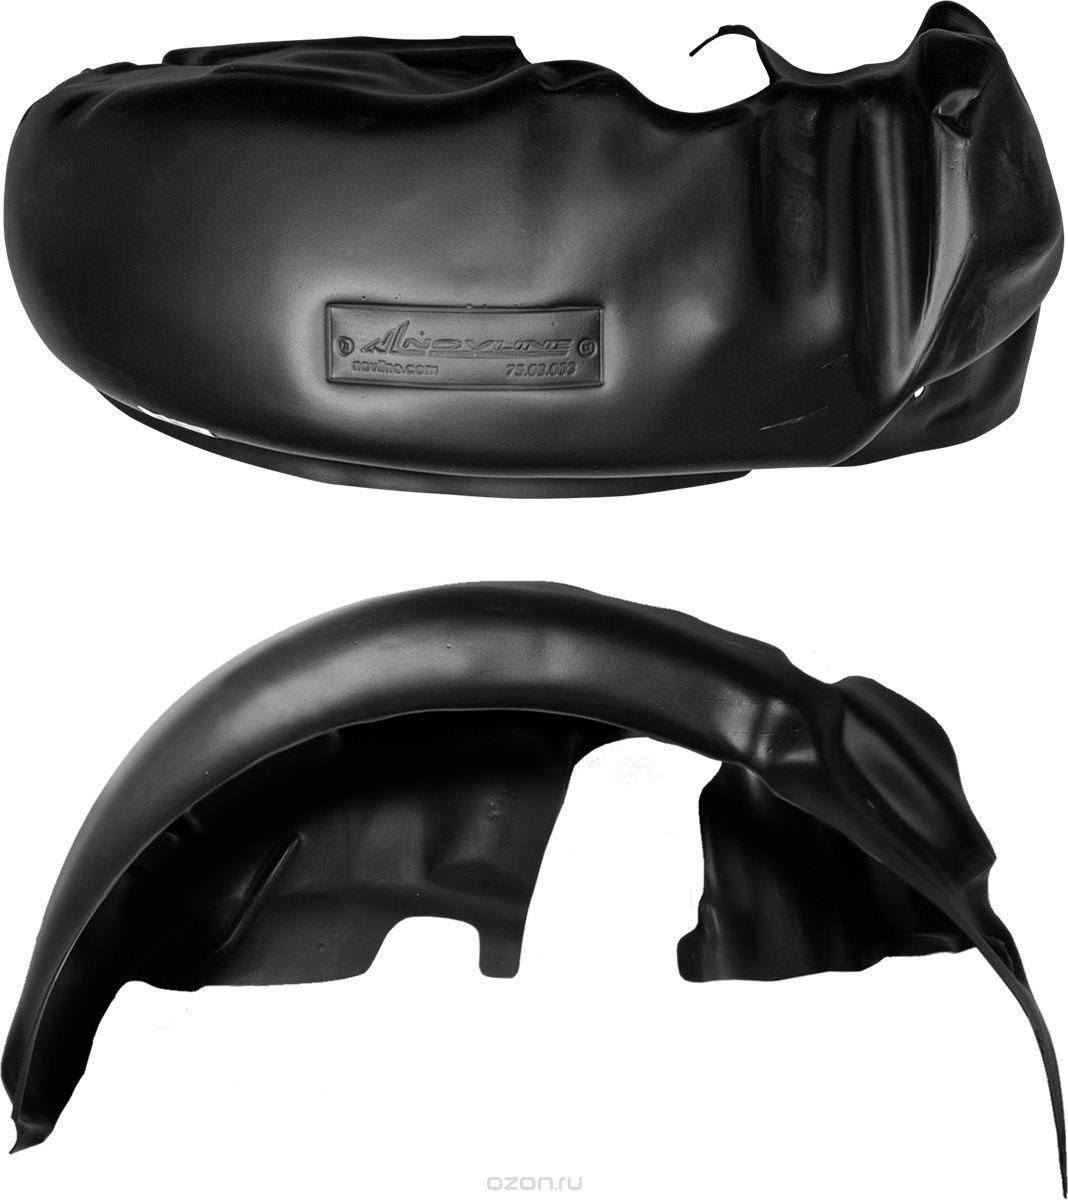 Подкрылок Novline-Autofamily, для CHEVROLET Aveo 5D/3D 2008->, хб., передний левый, NLL.08.13.001NLL.08.13.001Идеальная защита колесной ниши. Локеры разработаны с применением цифровых технологий, гарантируют максимальную повторяемость поверхности арки. Изделия устанавливаются без нарушения лакокрасочного покрытия автомобиля, каждый подкрылок комплектуется крепежом. Уважаемые клиенты, обращаем ваше внимание, что фотографии на подкрылки универсальные и не отражают реальную форму изделия. При этом само изделие идет точно под размер указанного автомобиля.